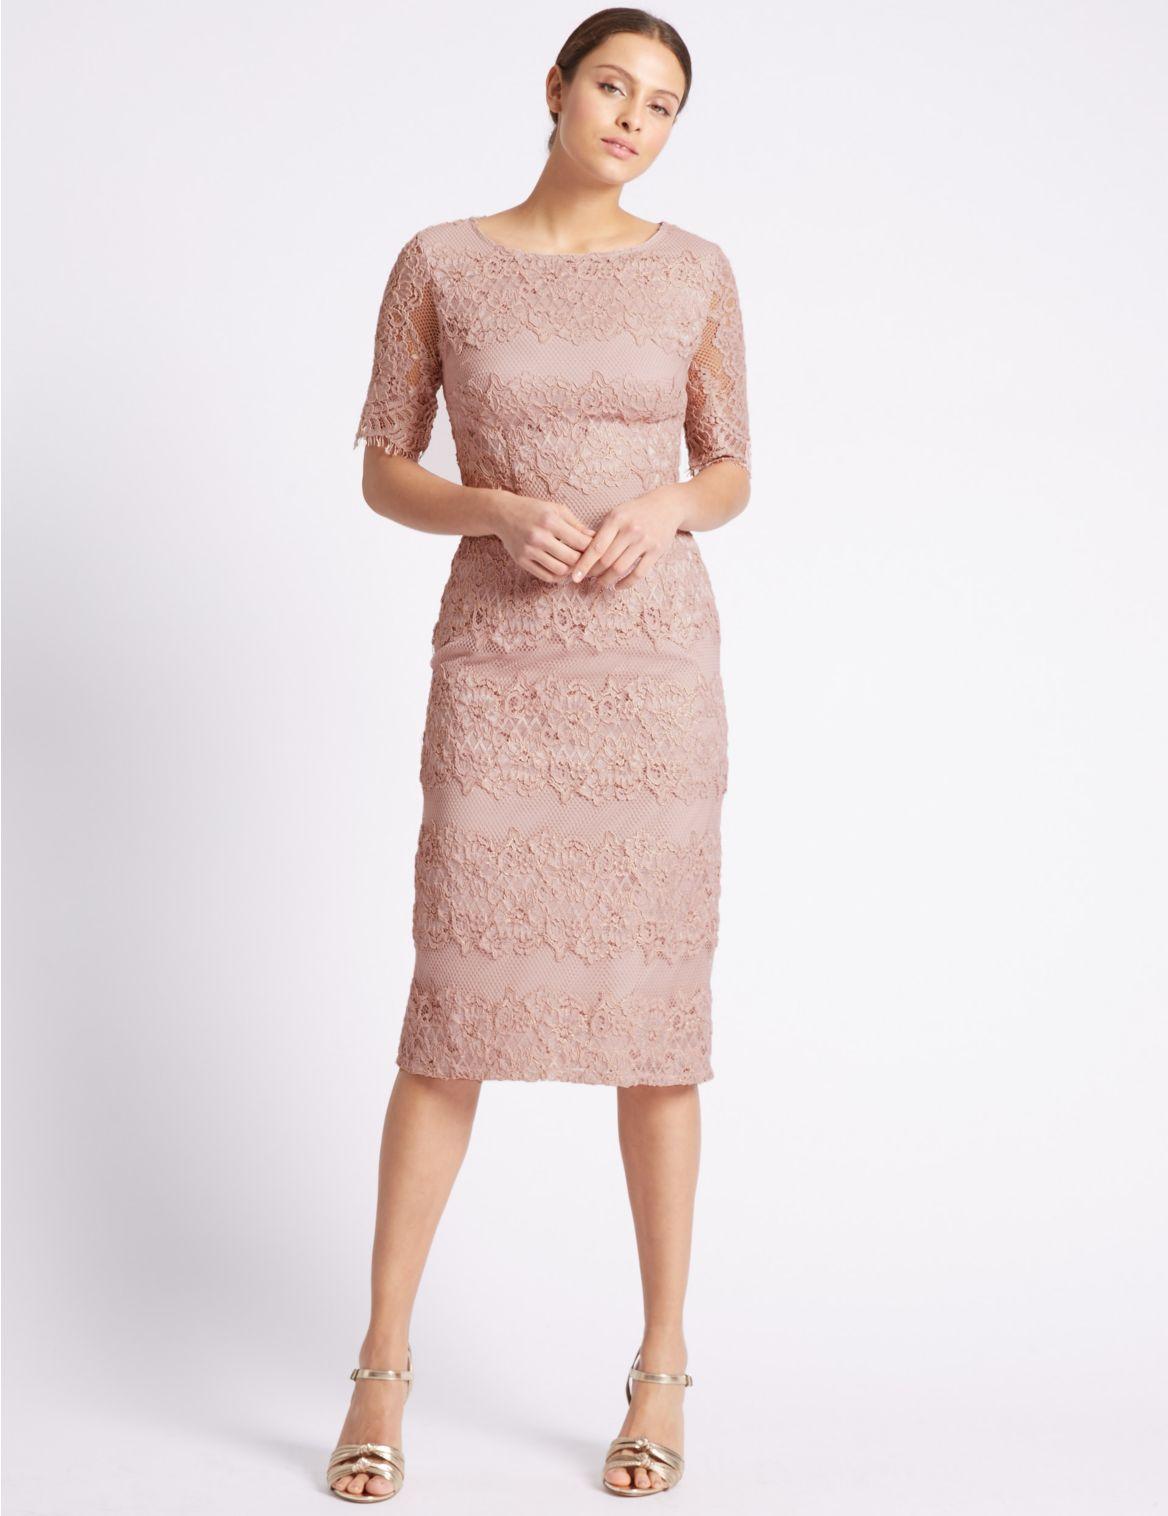 Katoenrijke rechte jurk met